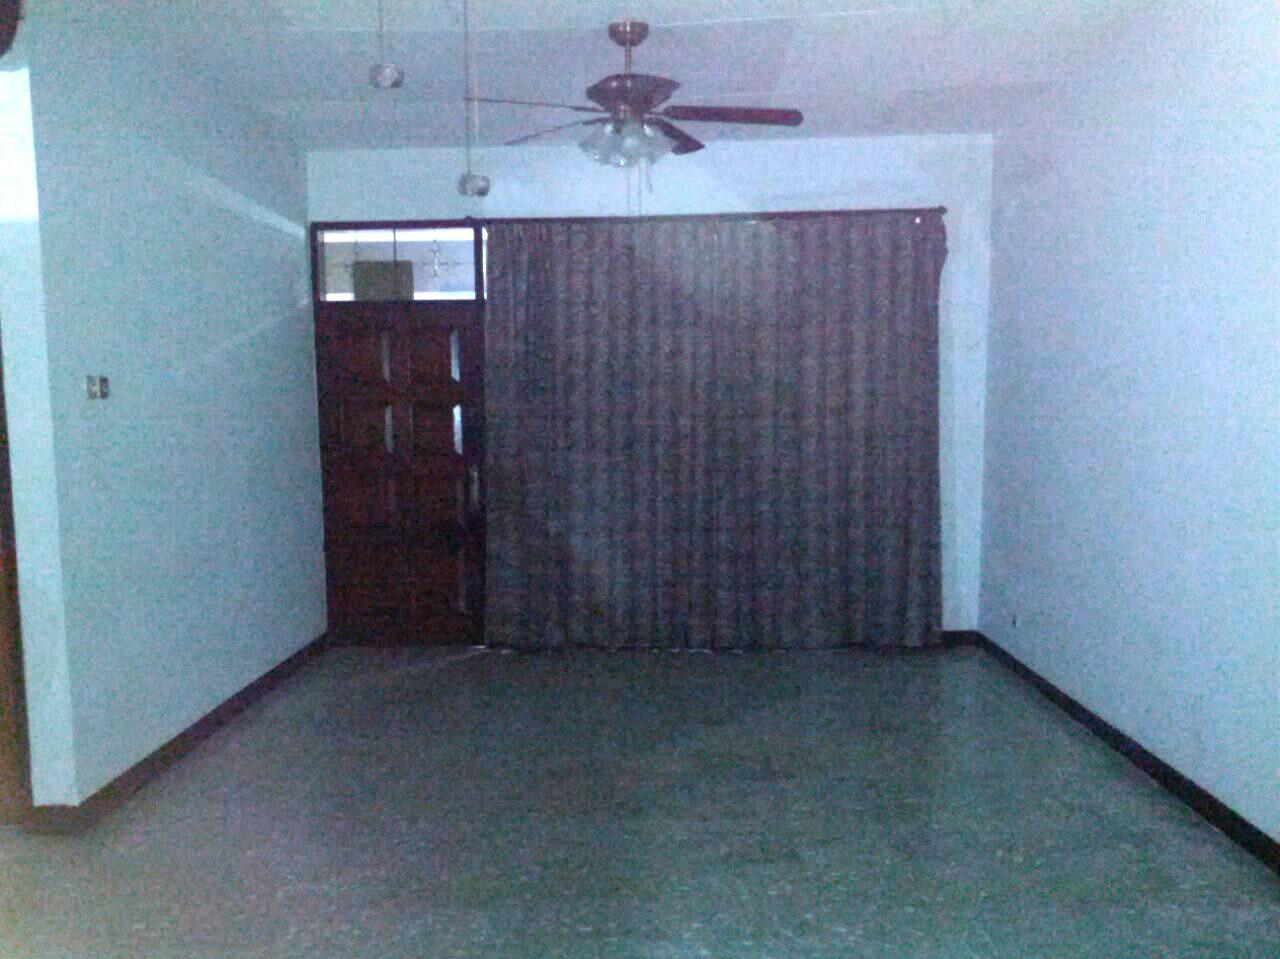 Rumah Disewakan di area TB Simatupang Cilandak, Cocok Untuk Kantor